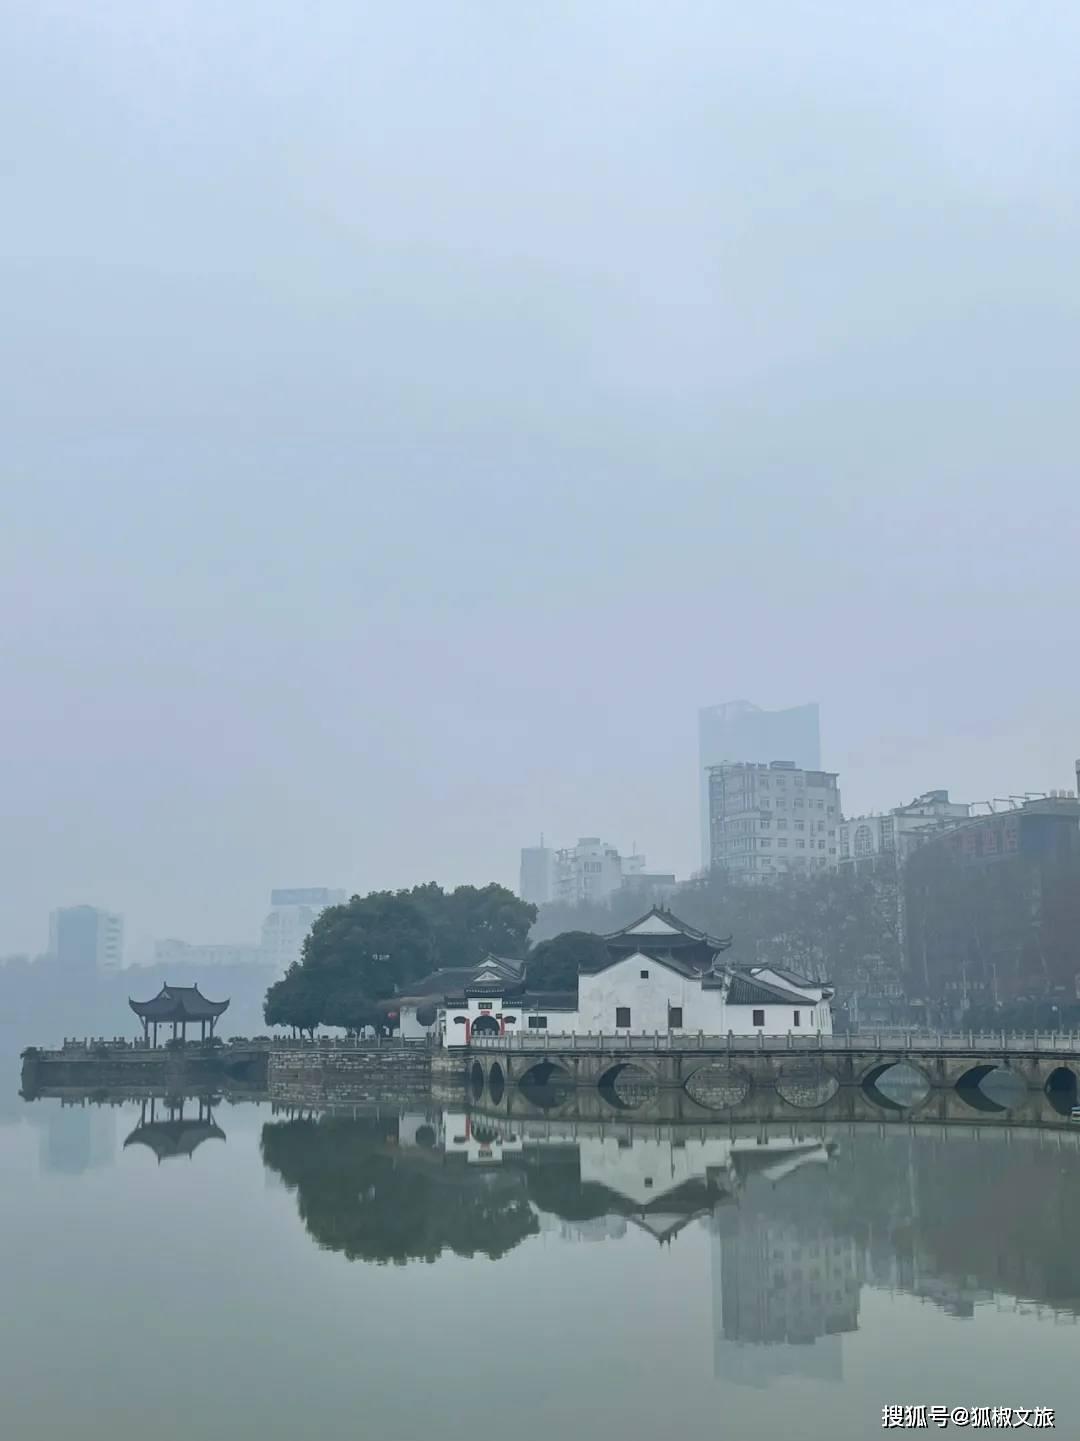 城市漫游 | 襟江带湖 九江秀色可揽结